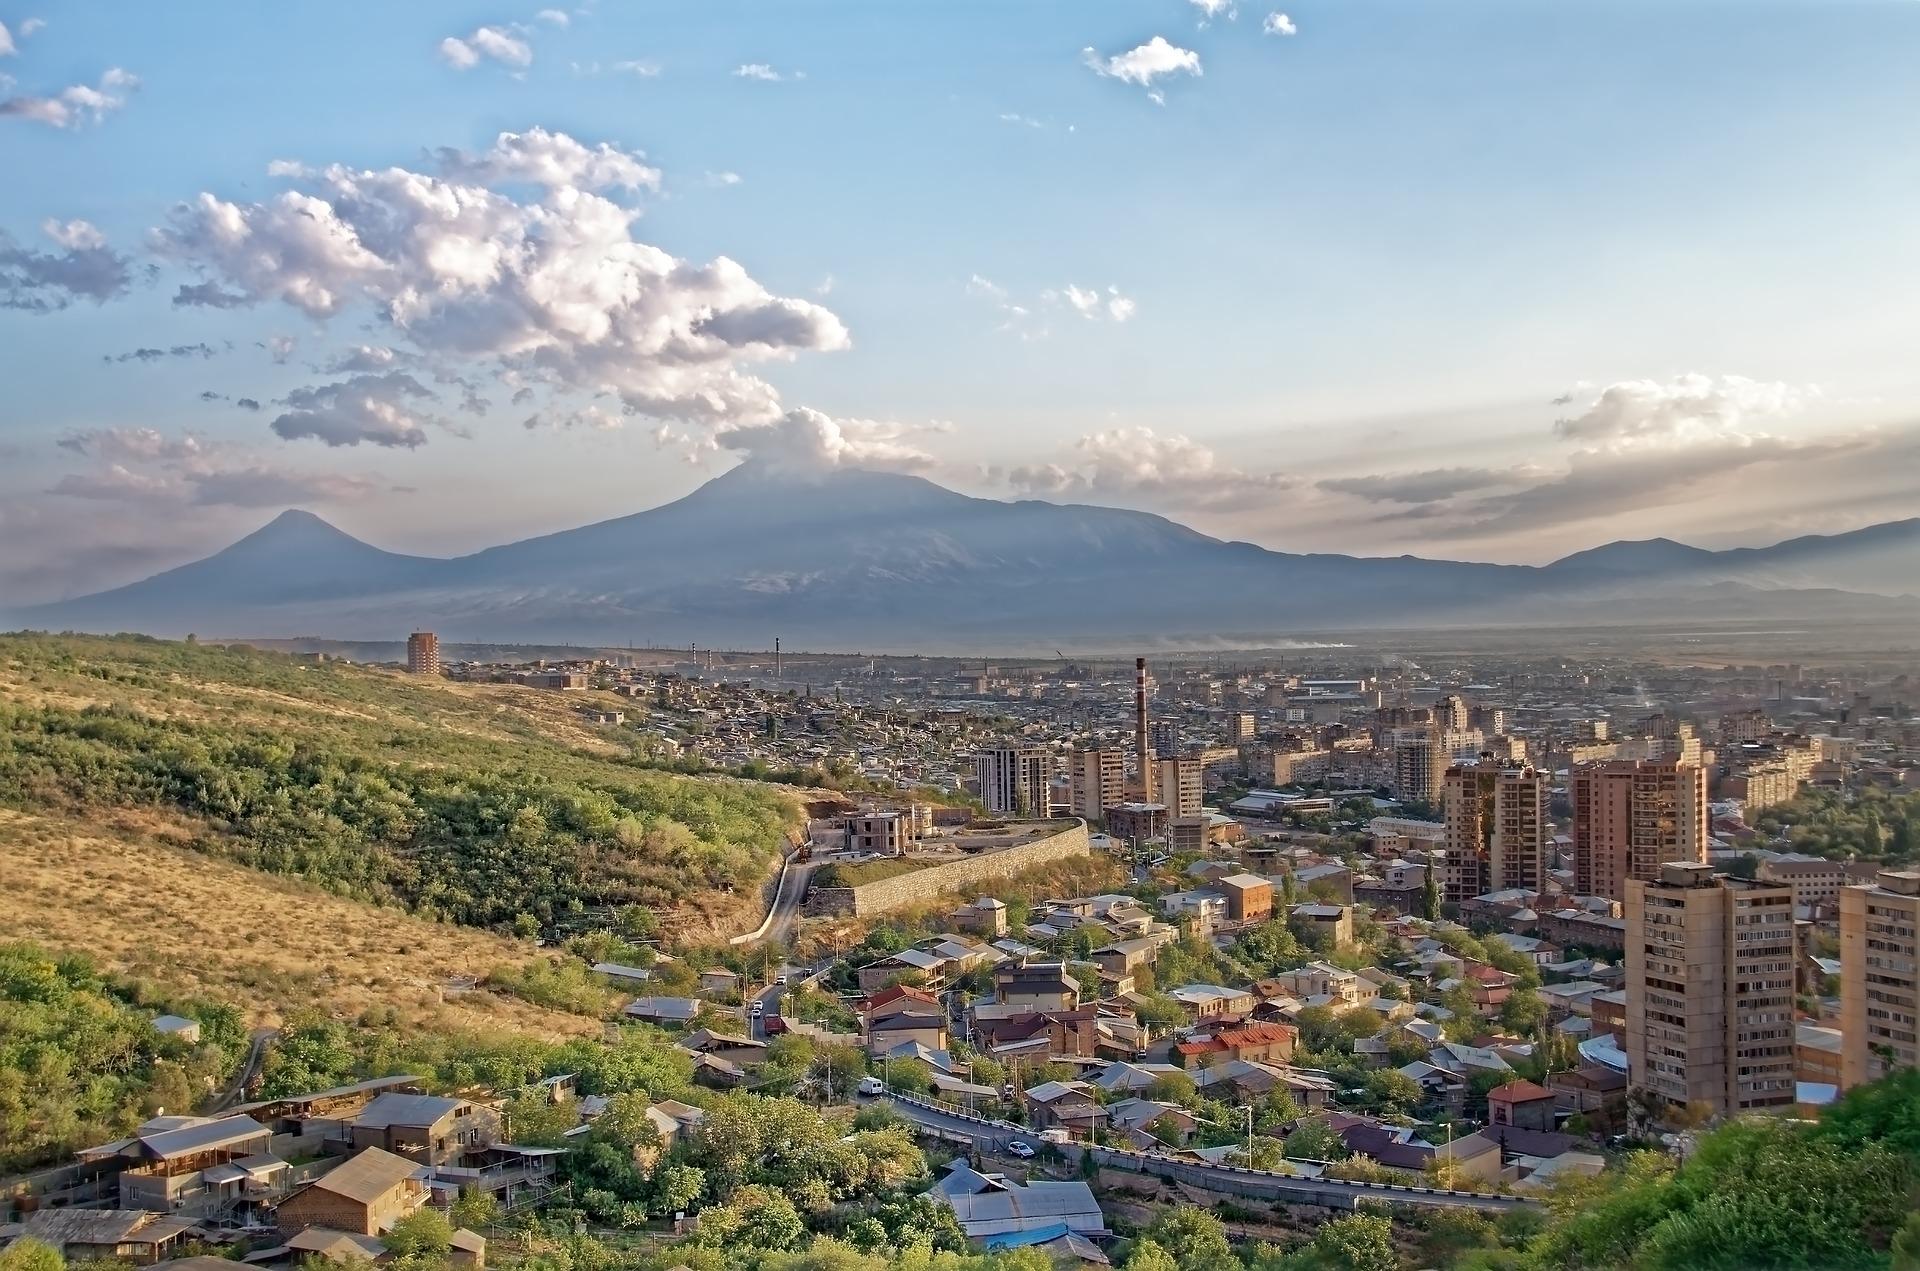 yerevan airport to city center, yerevan airport to city, How To Get From Yerevan Airport To City Center